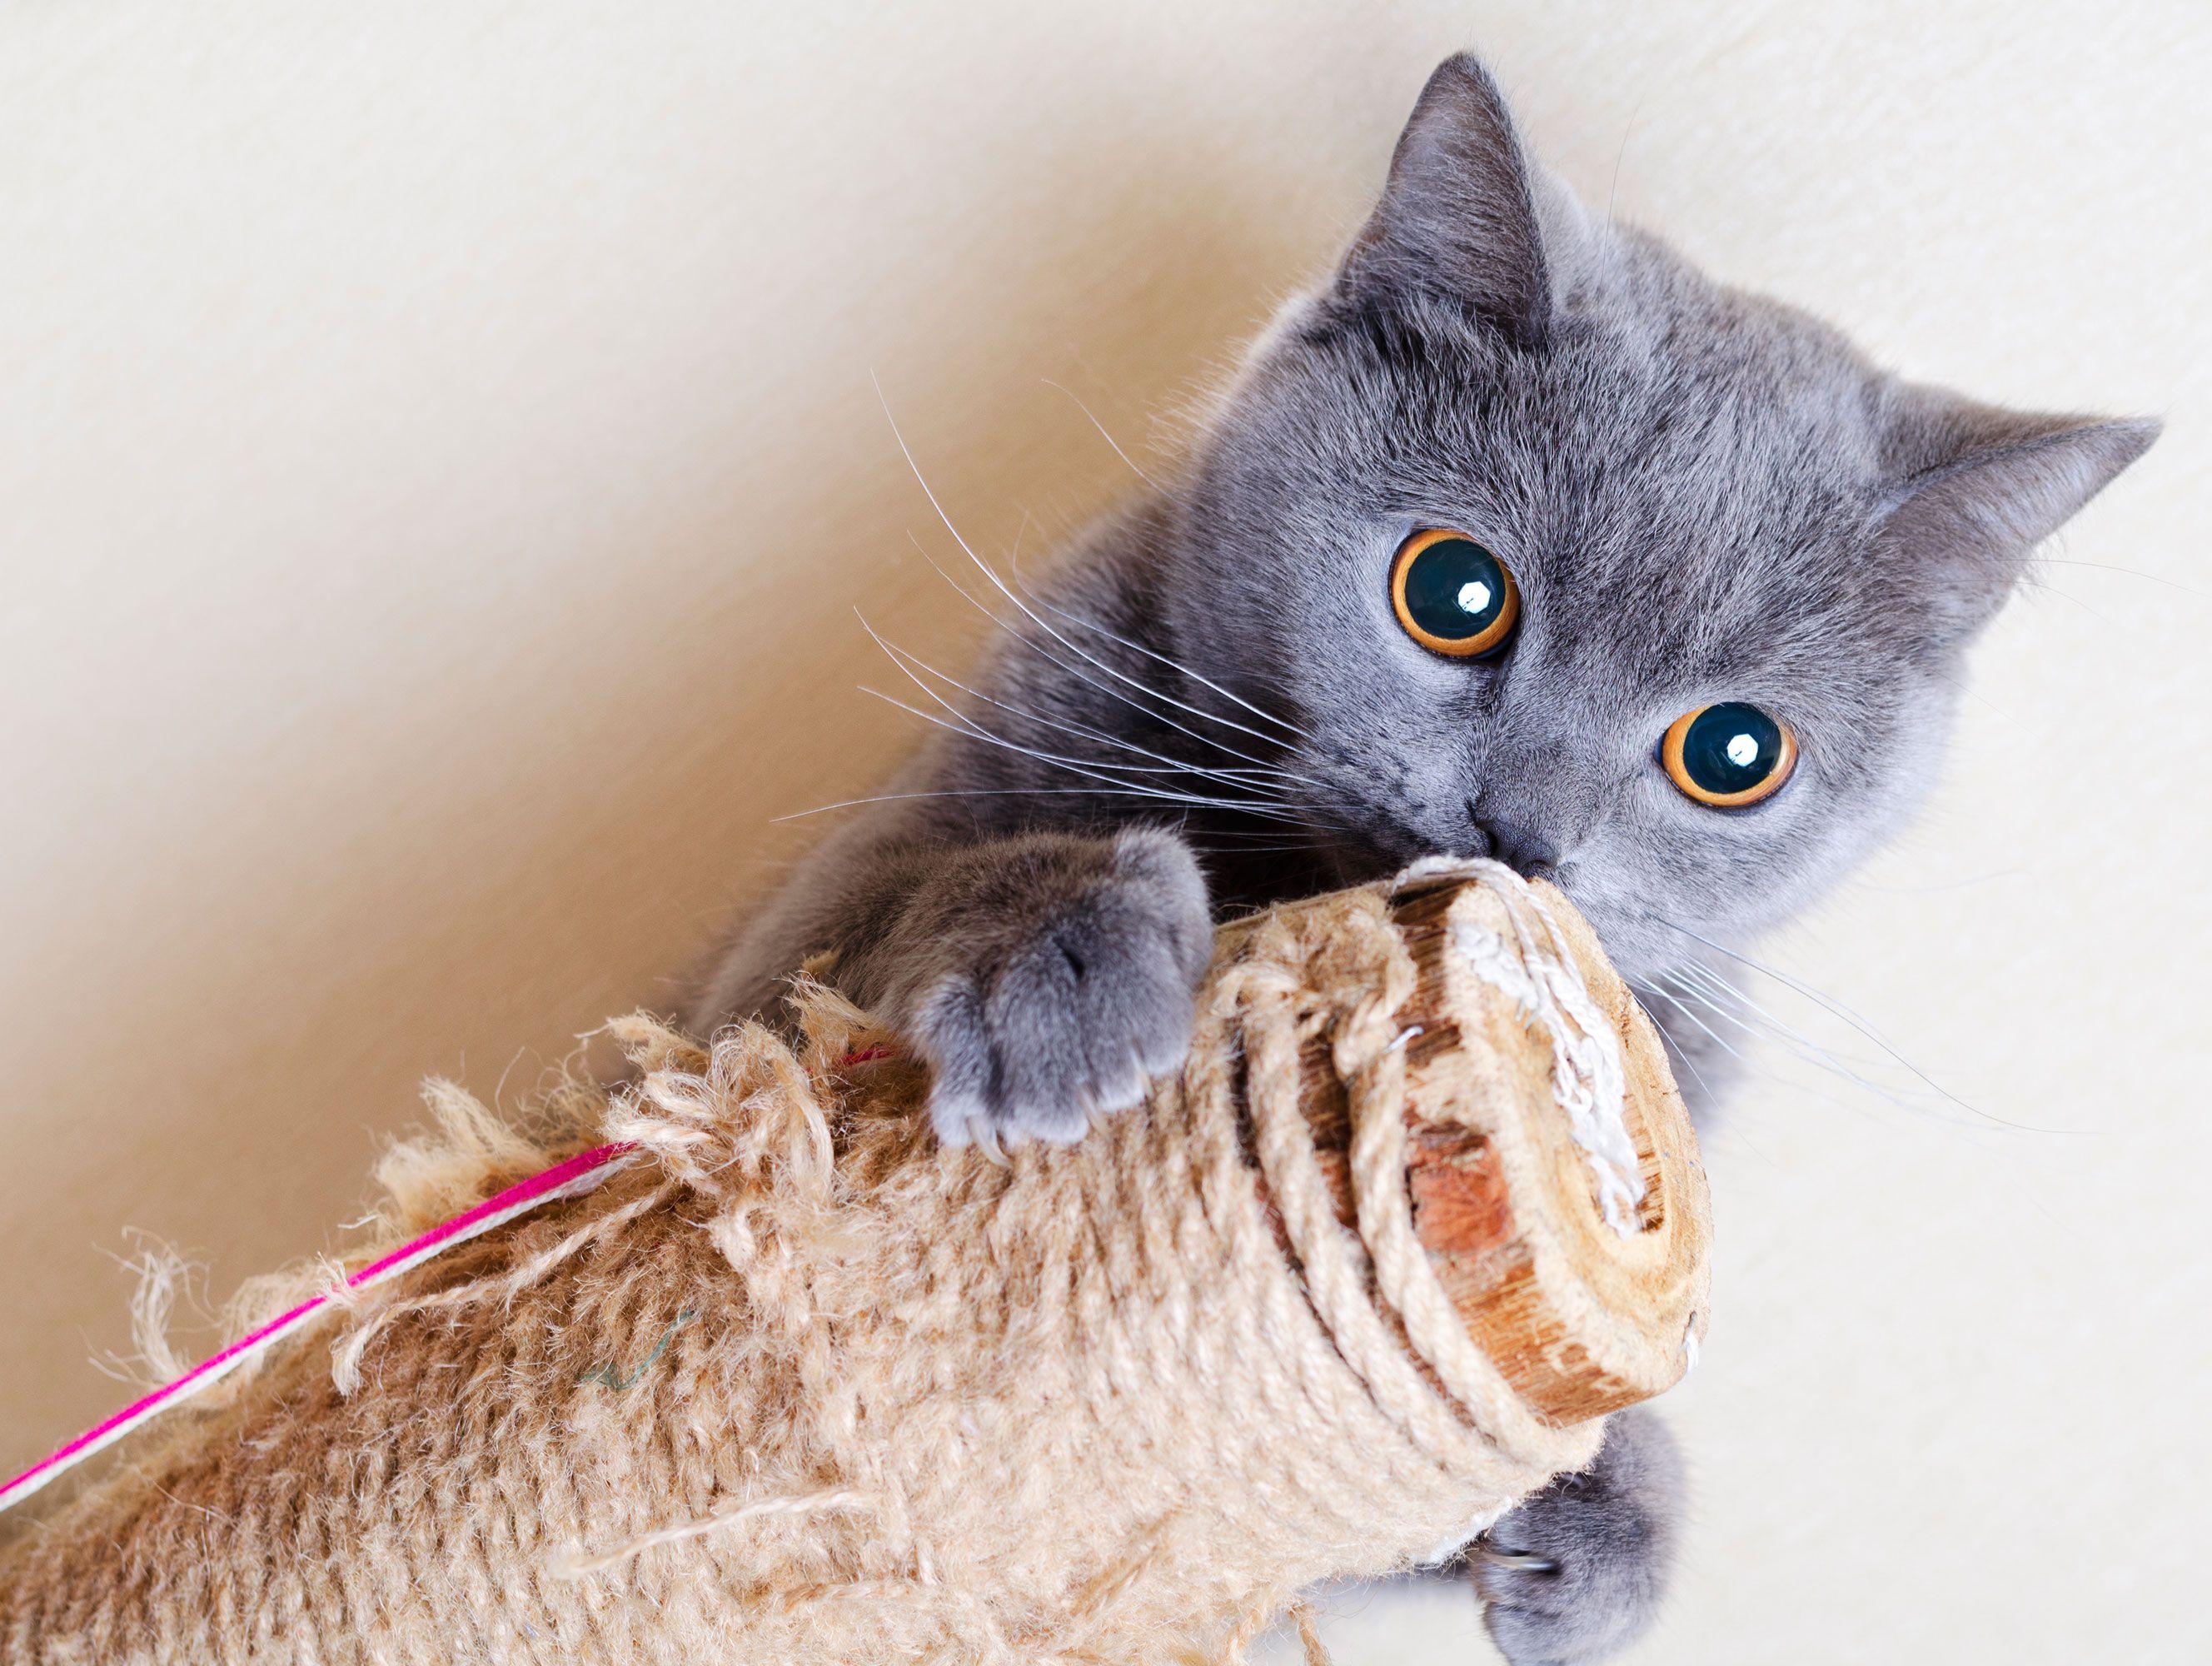 mascotas-rascadores-gatos-unas-XxXx80